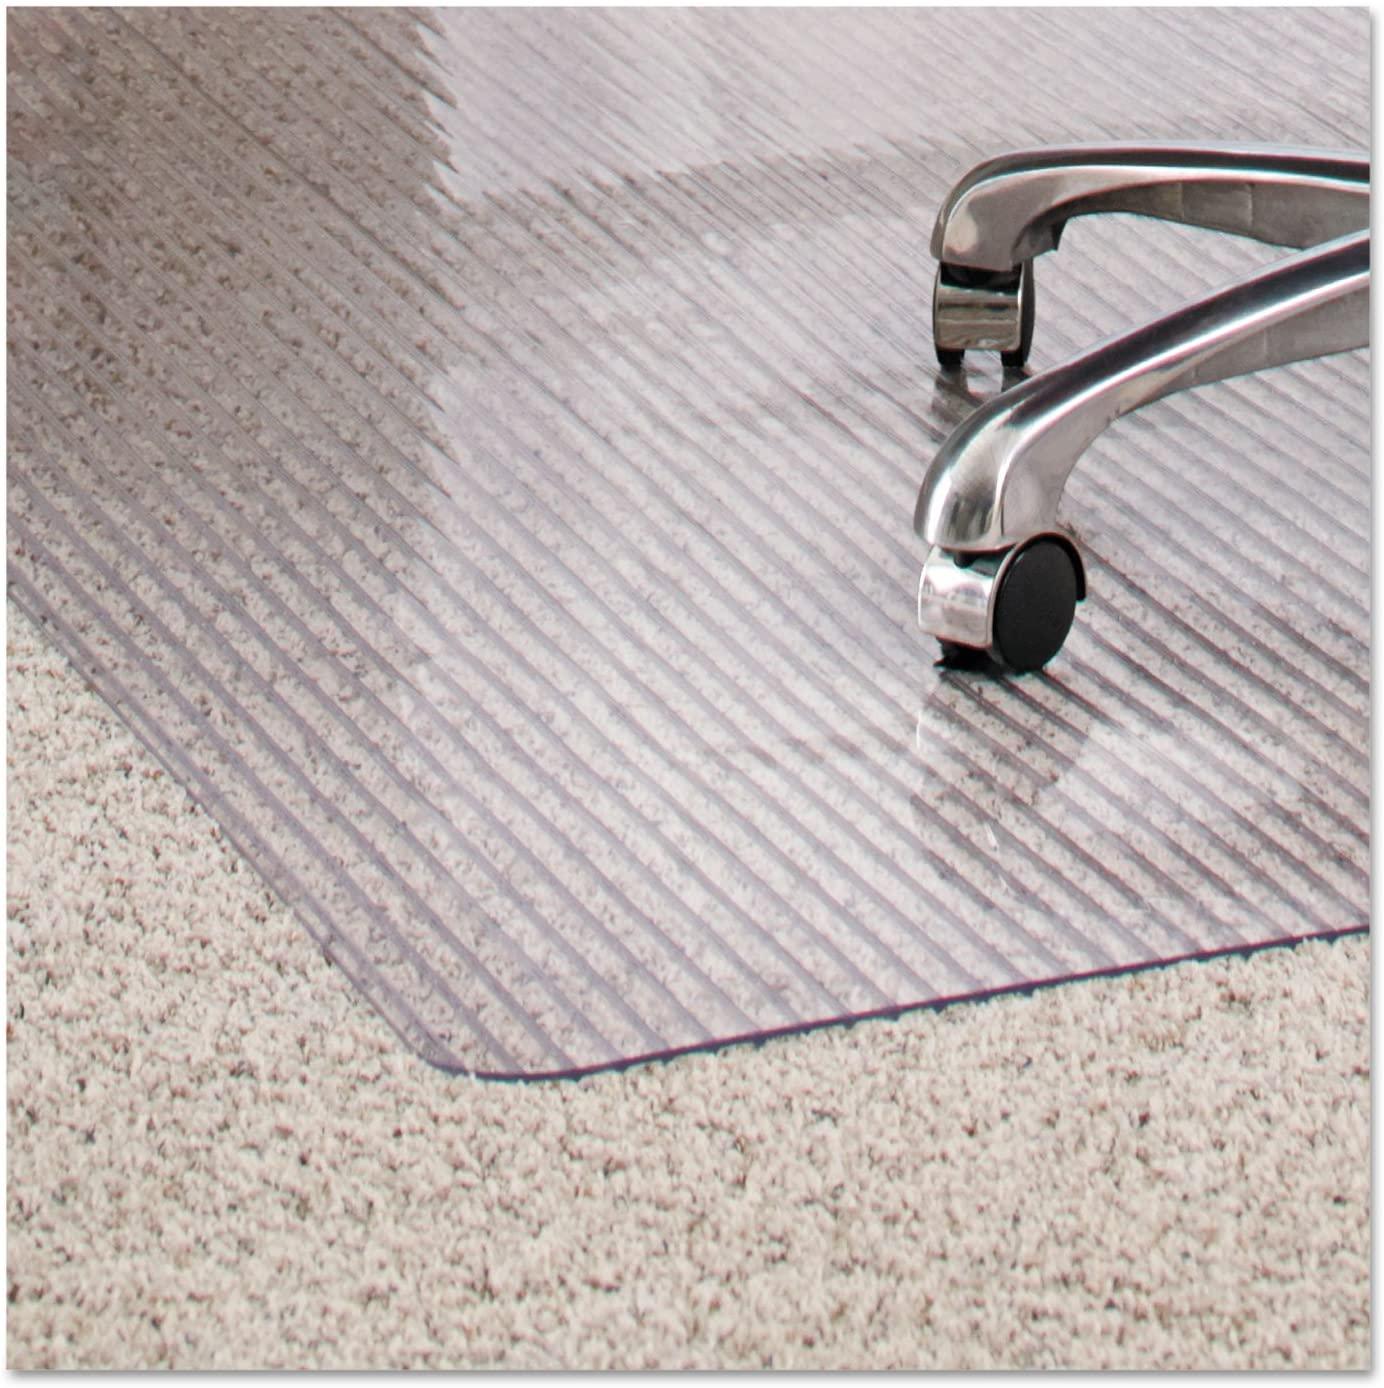 ES Robbins Dimensions Chair Mat for Carpet, 36 x 48, Clear - 162008